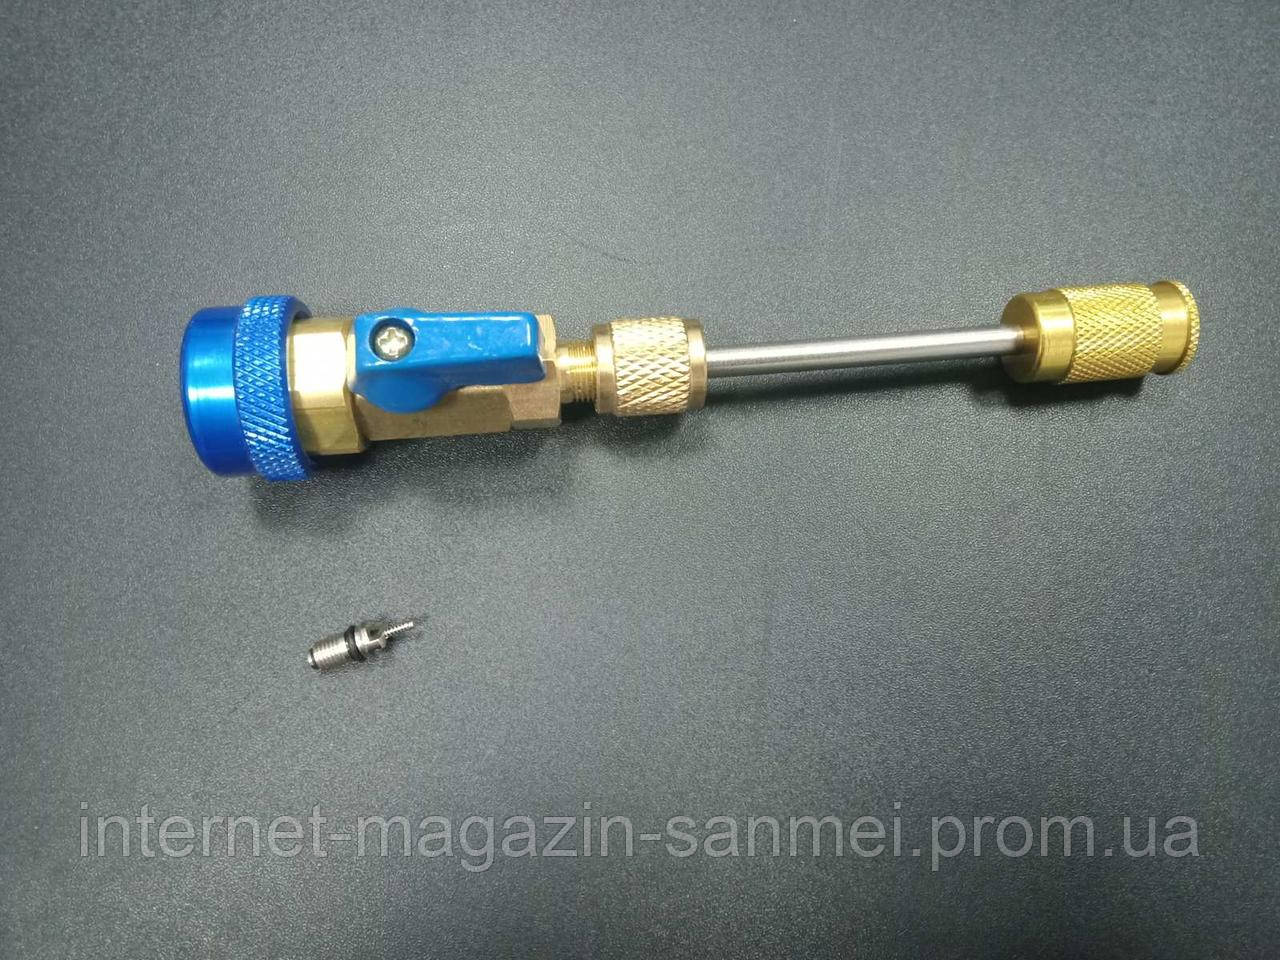 Знімач для заміни ніпеля, золотника під низьким тиском